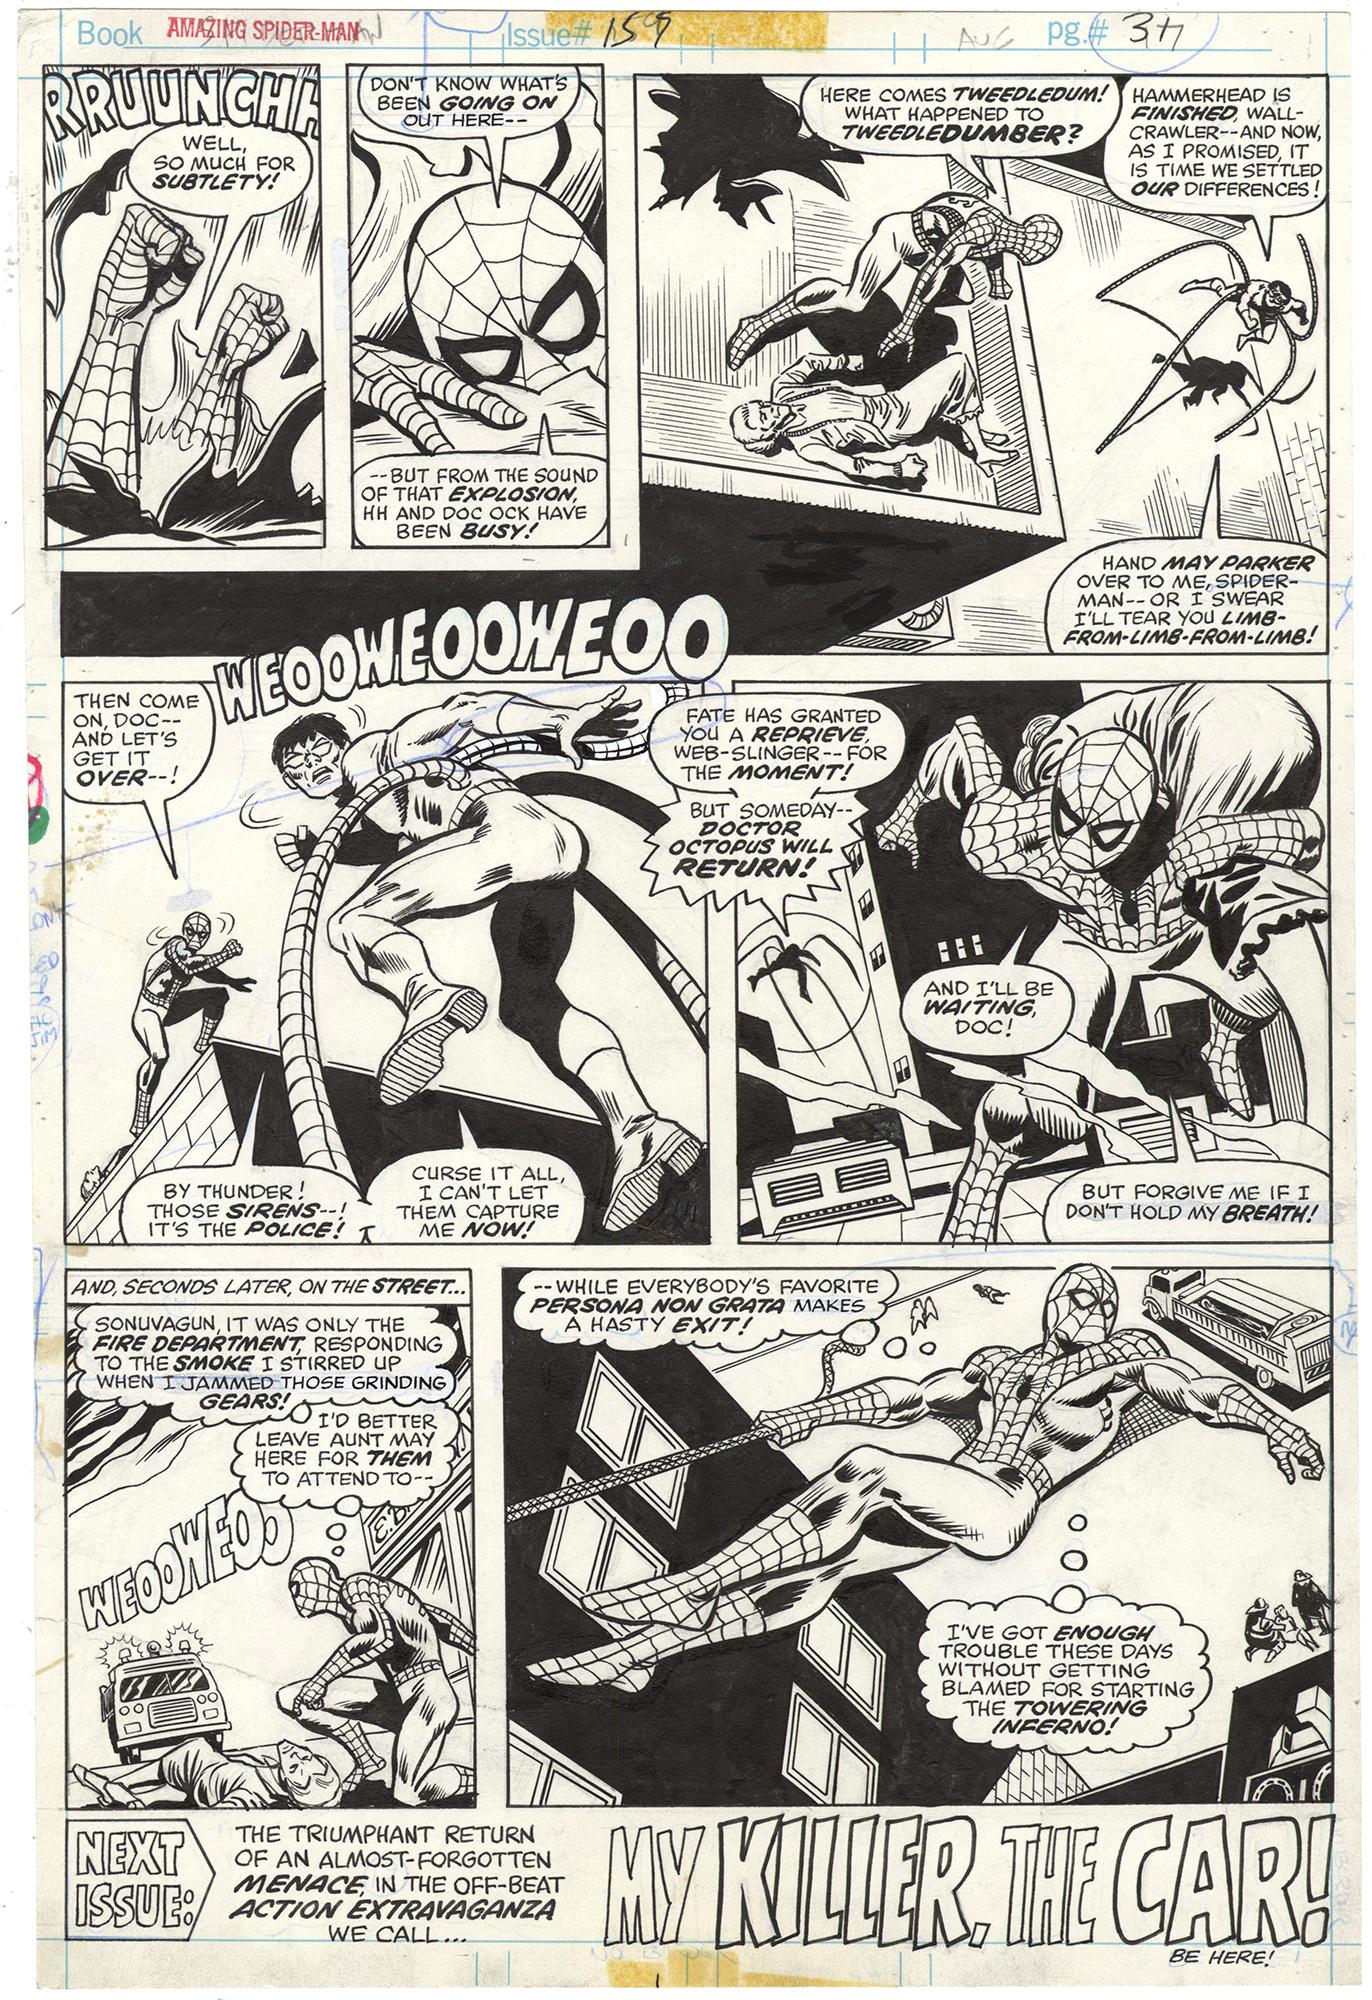 Amazing Spider-Man #159 p31